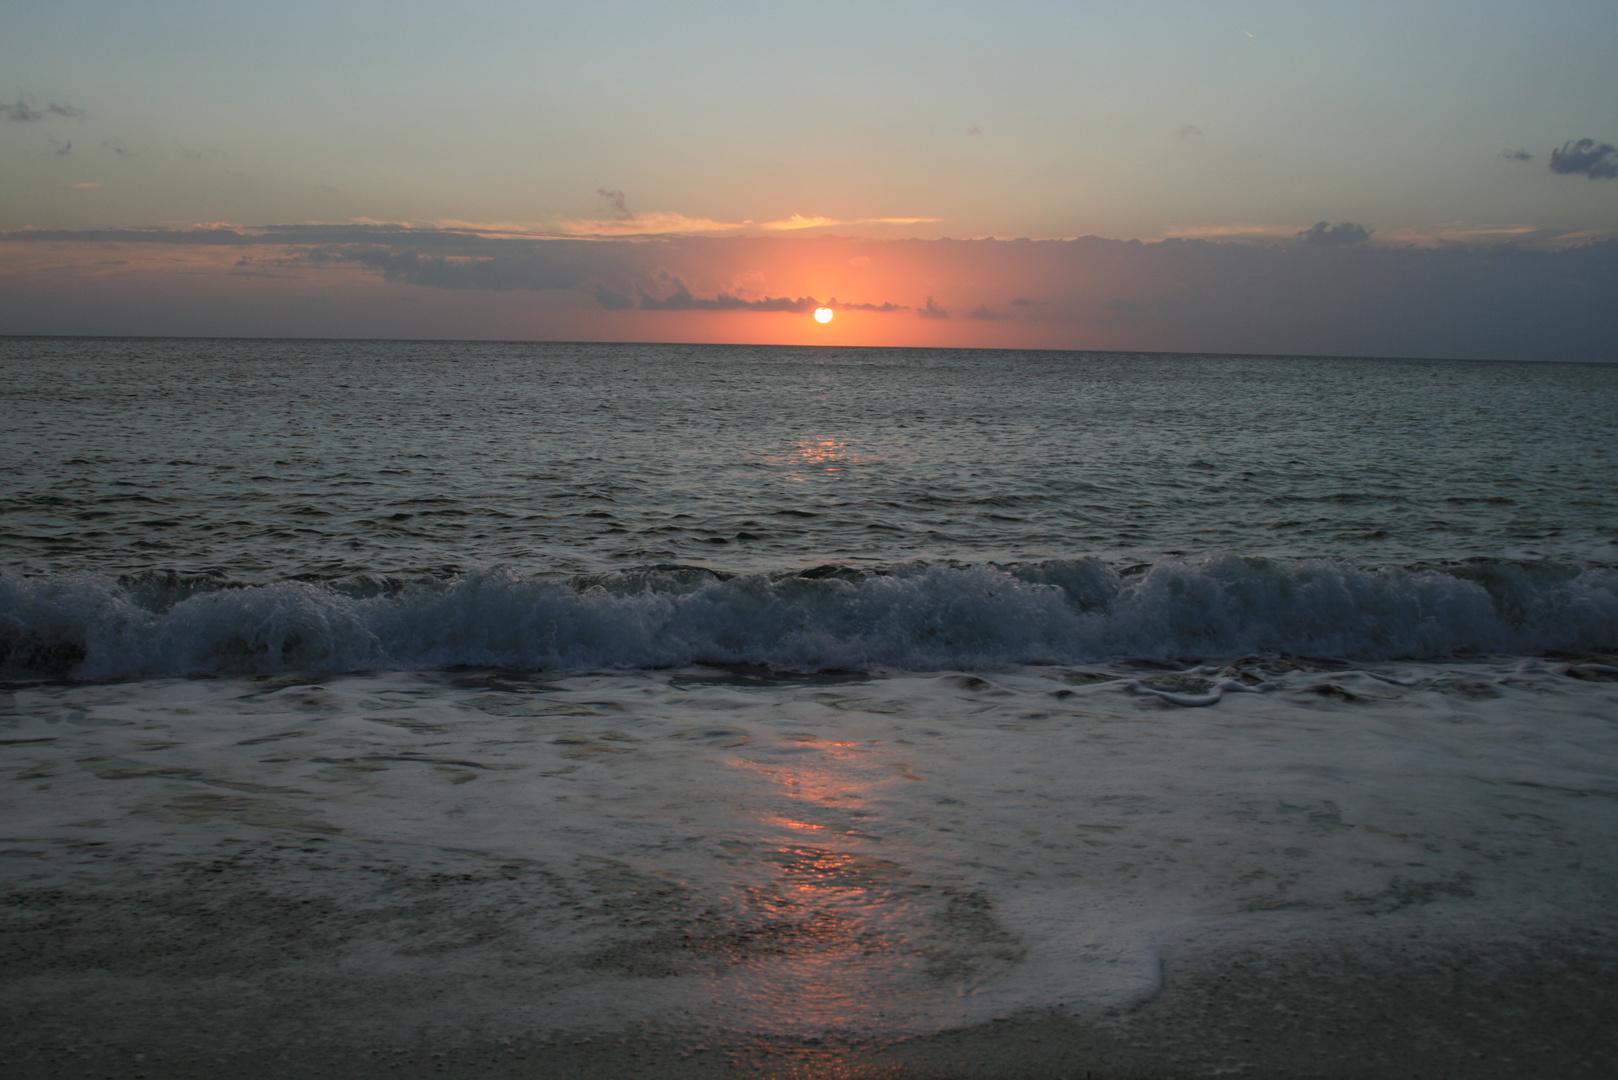 Sonnenuntergang über dem Meer von San Vincenzo (Toskana)